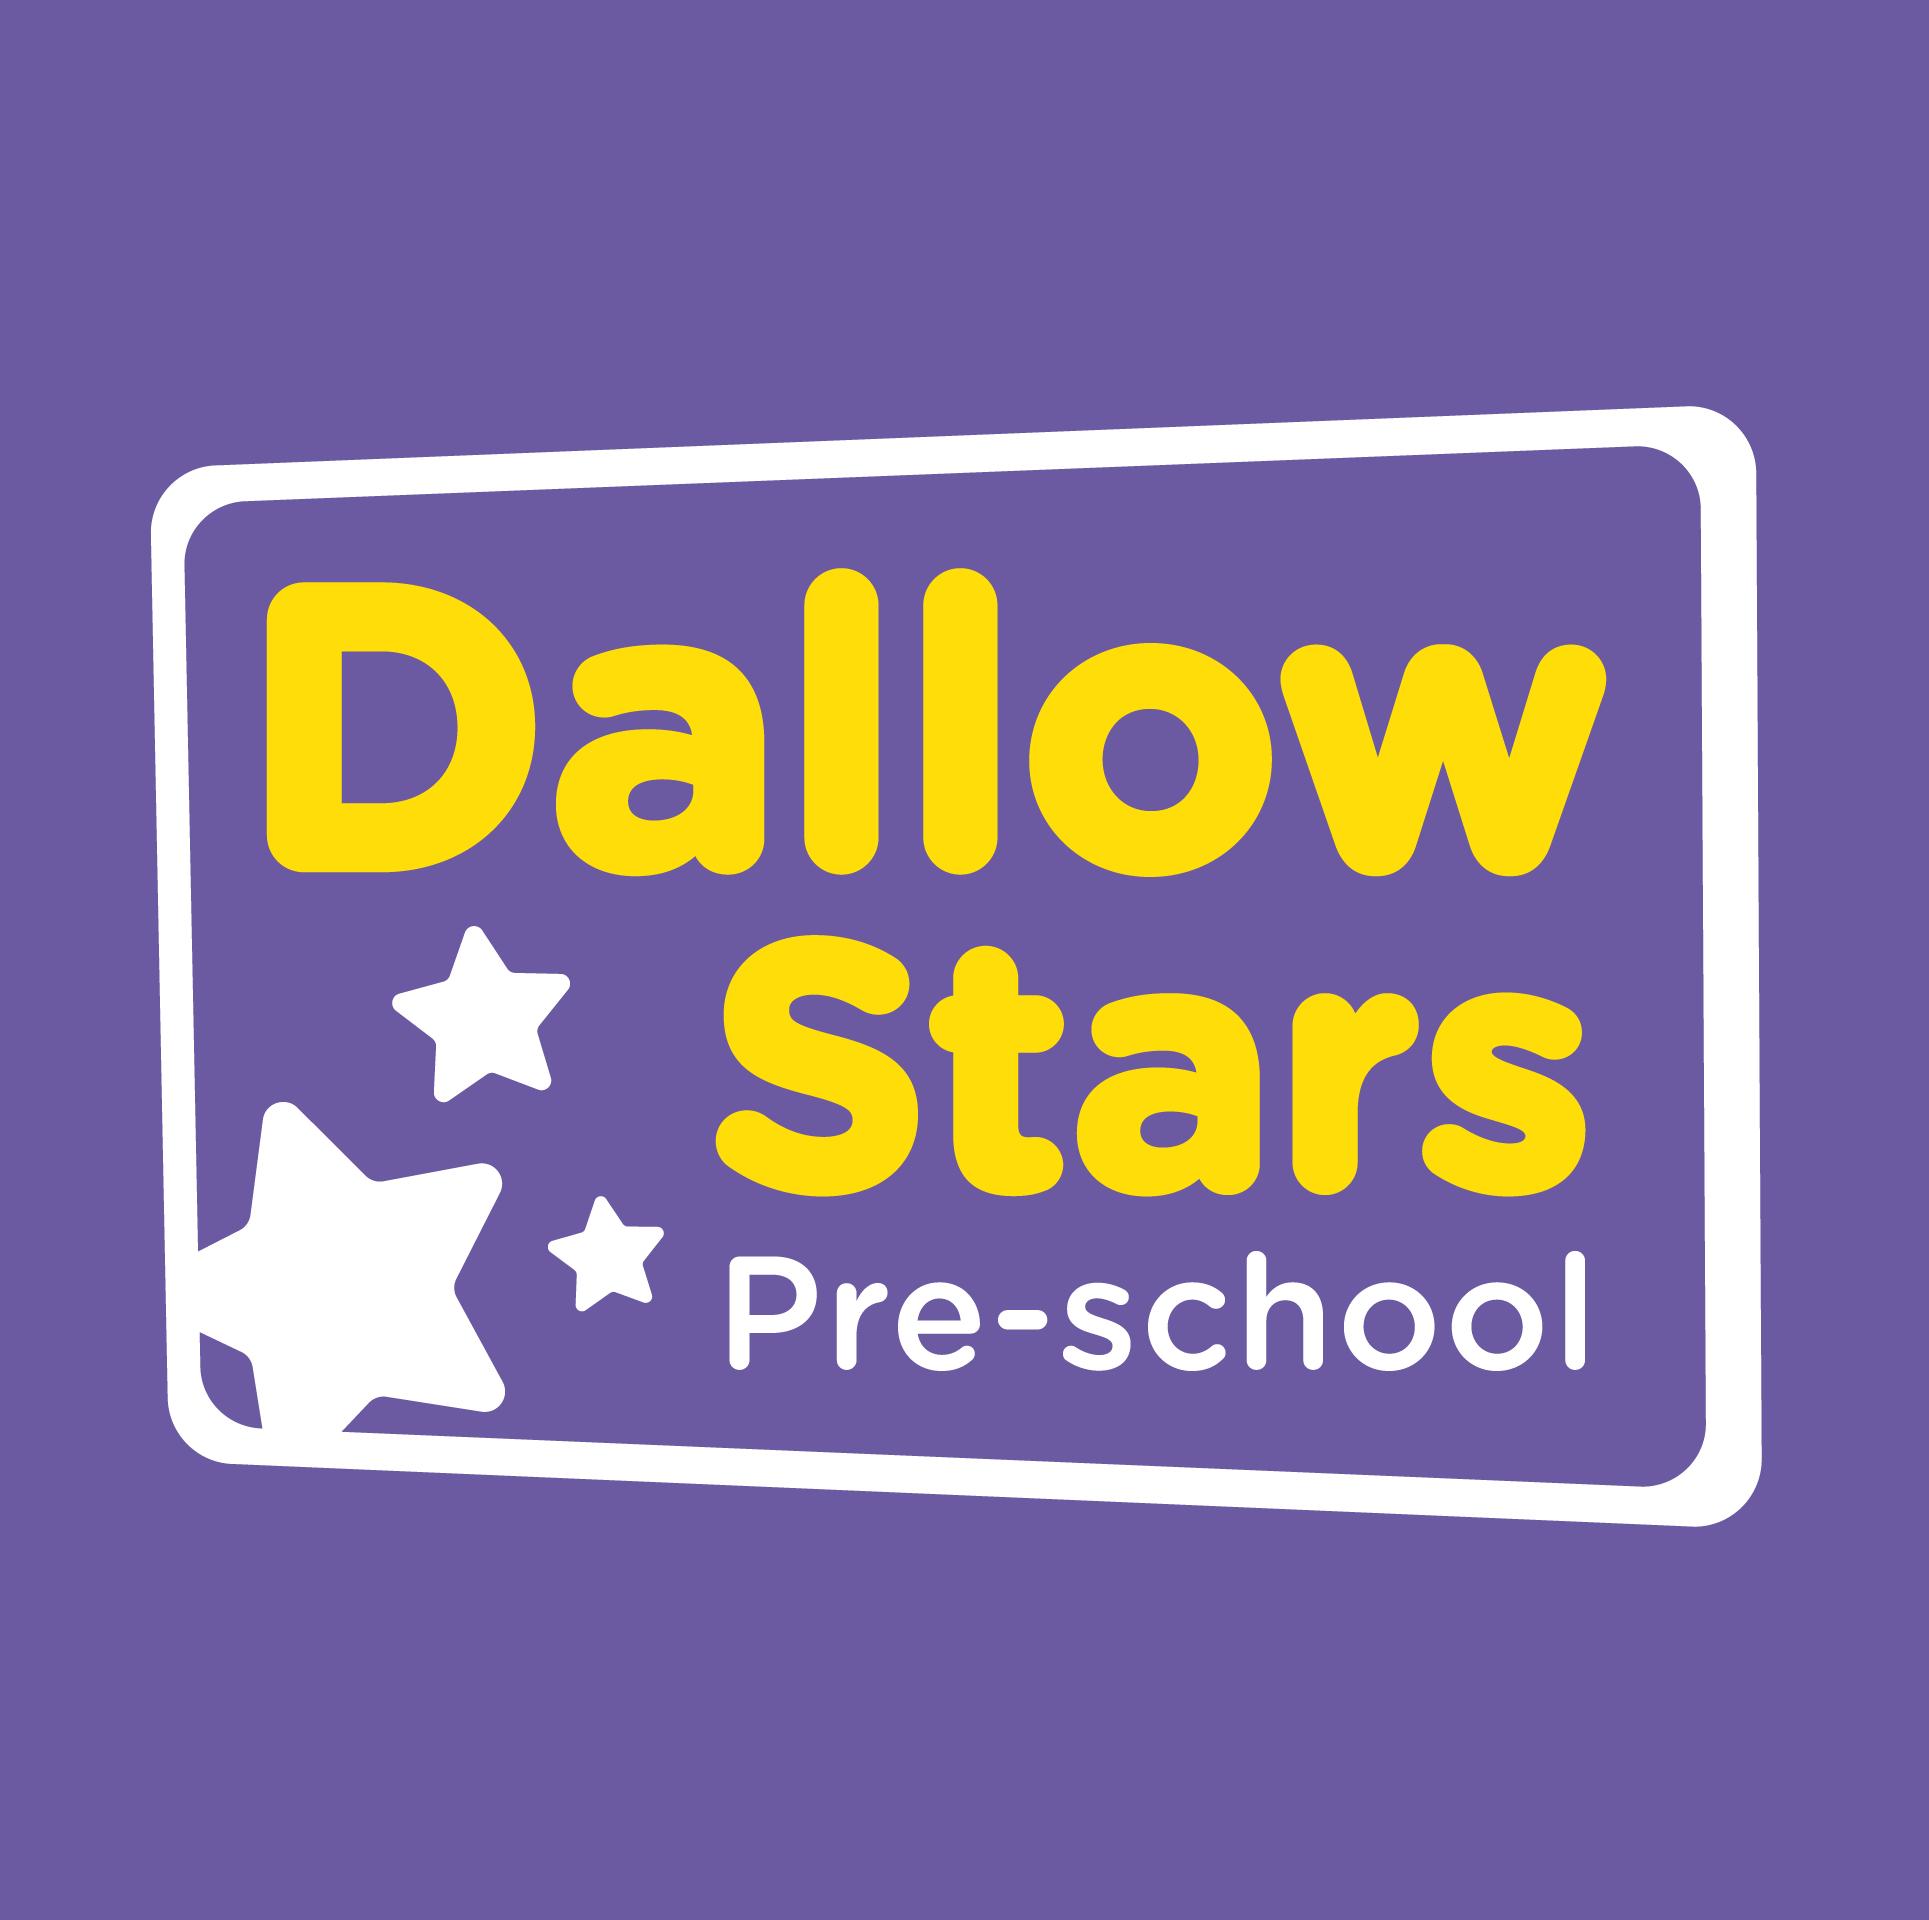 Dallow Stars Pre-school